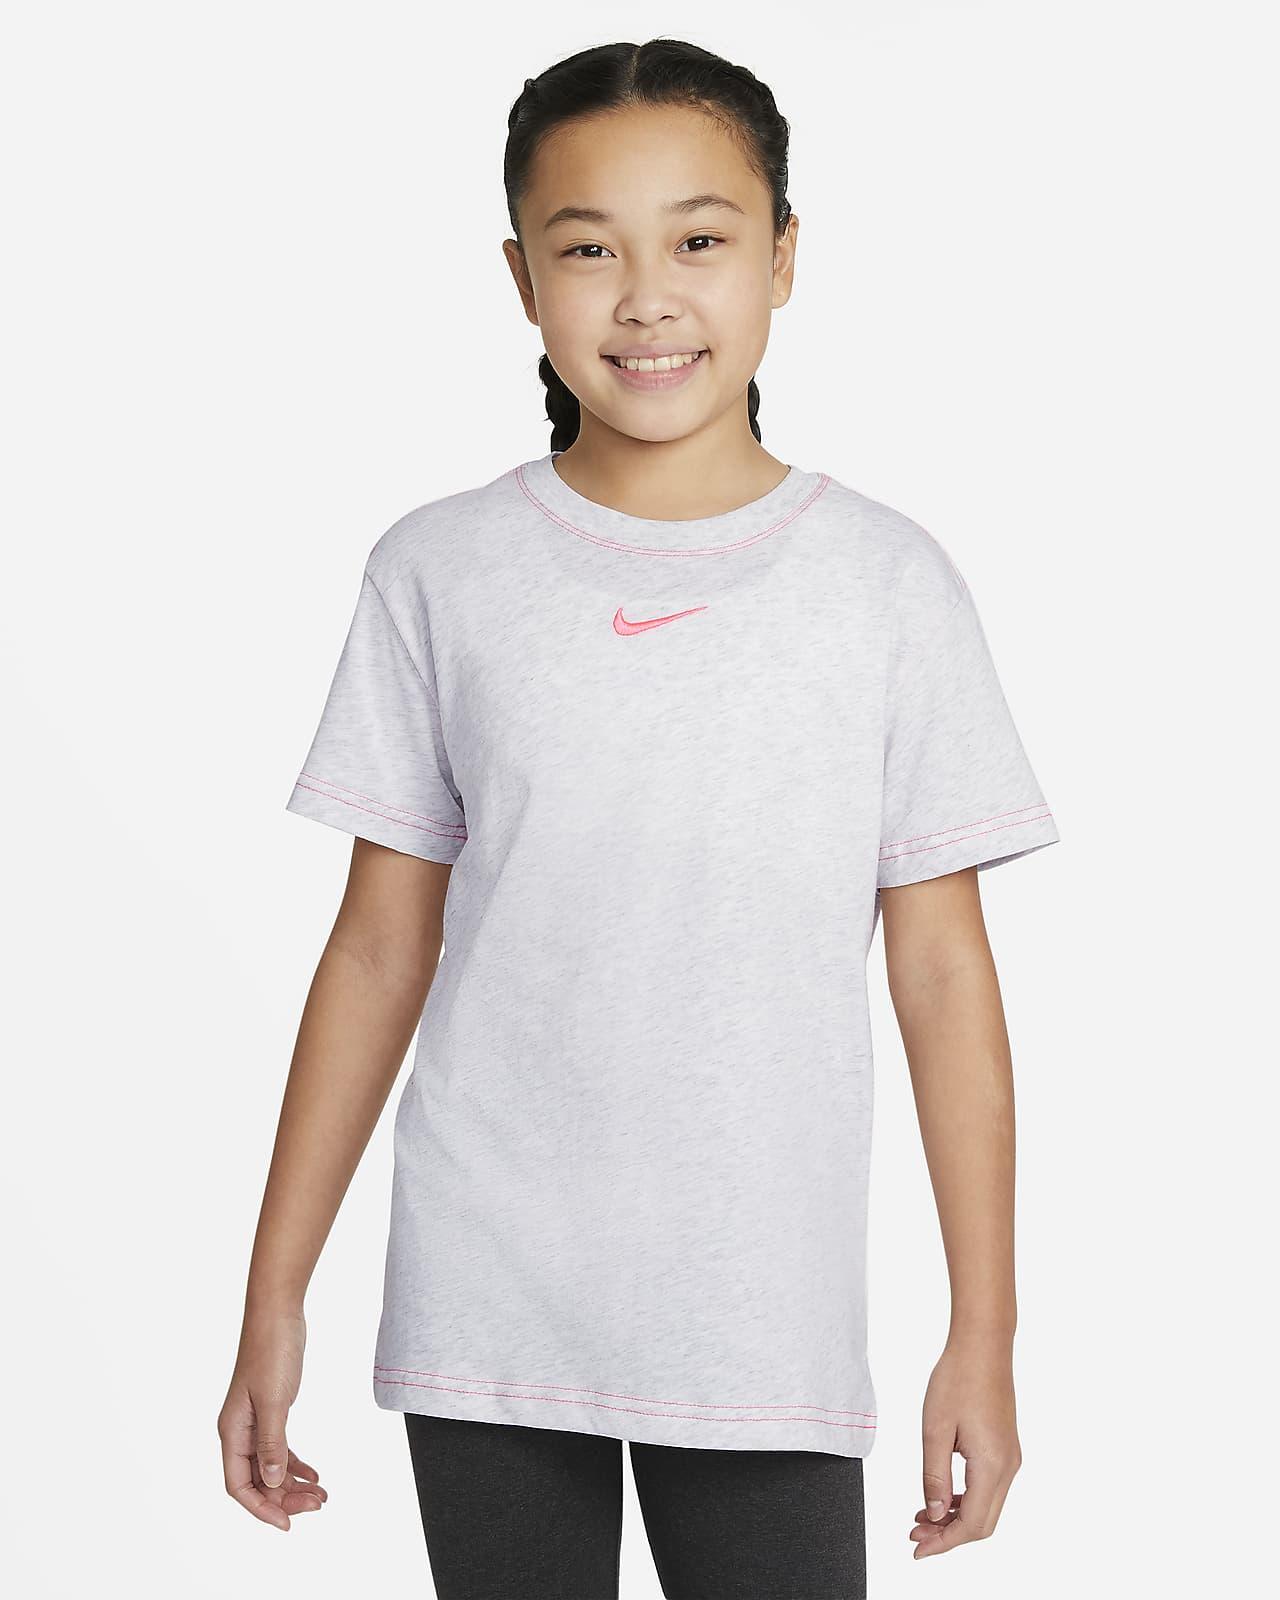 T-shirt Nike Sportswear Júnior (Rapariga)